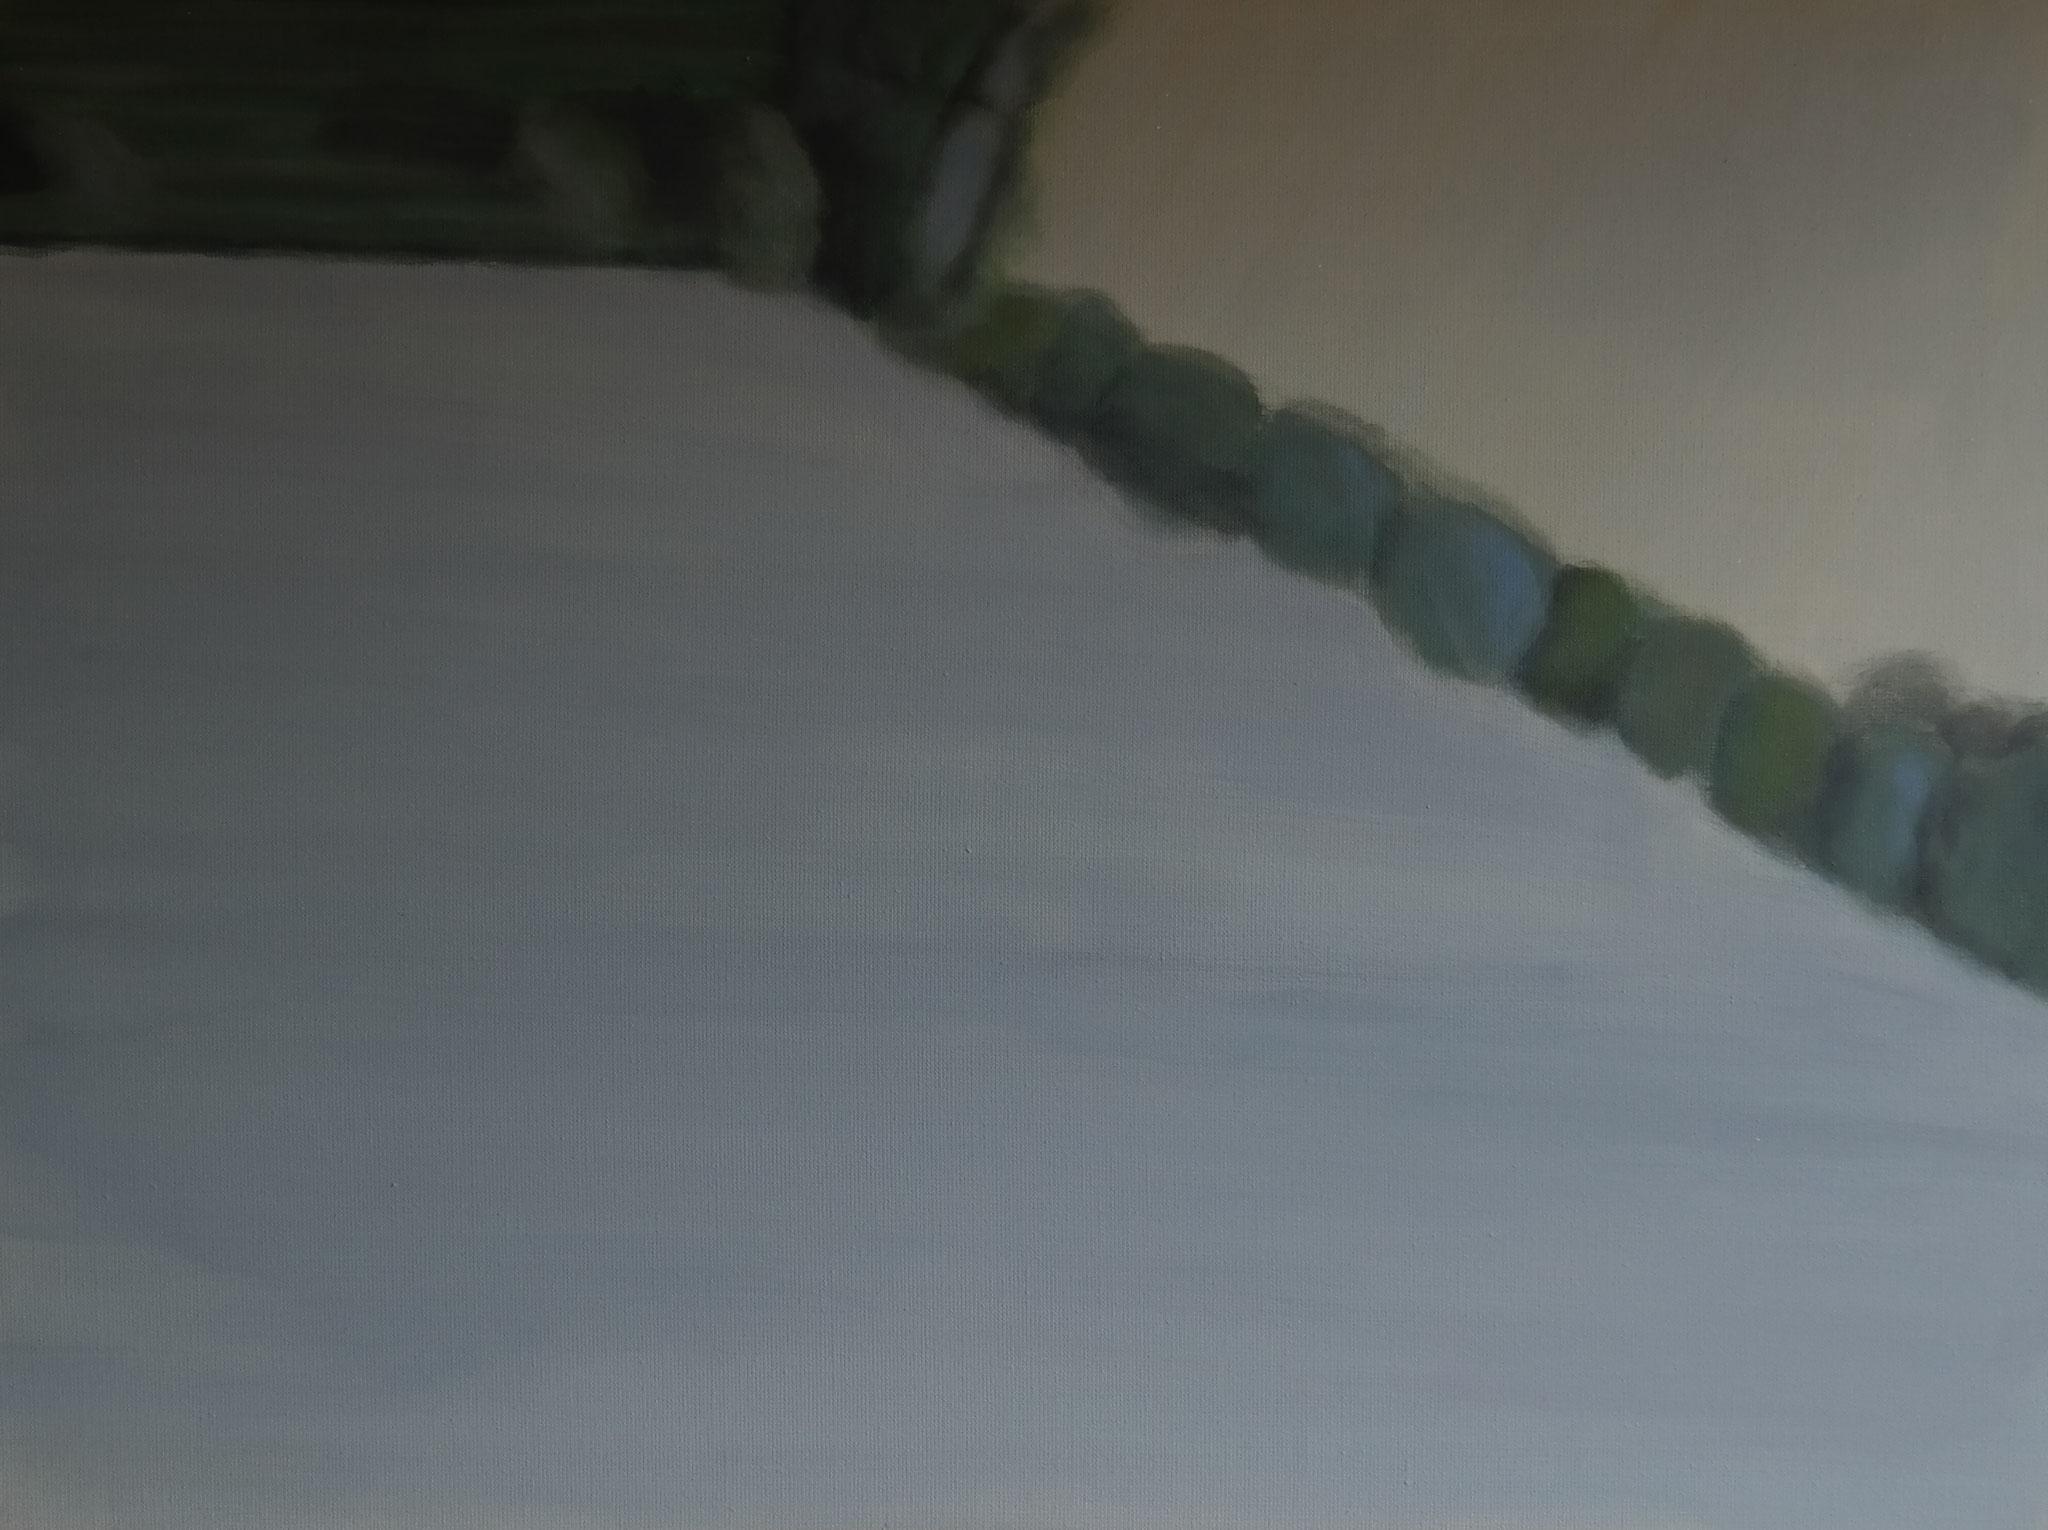 vonoben 4von4 | 60x80cm | acryl auf leinen | 2013